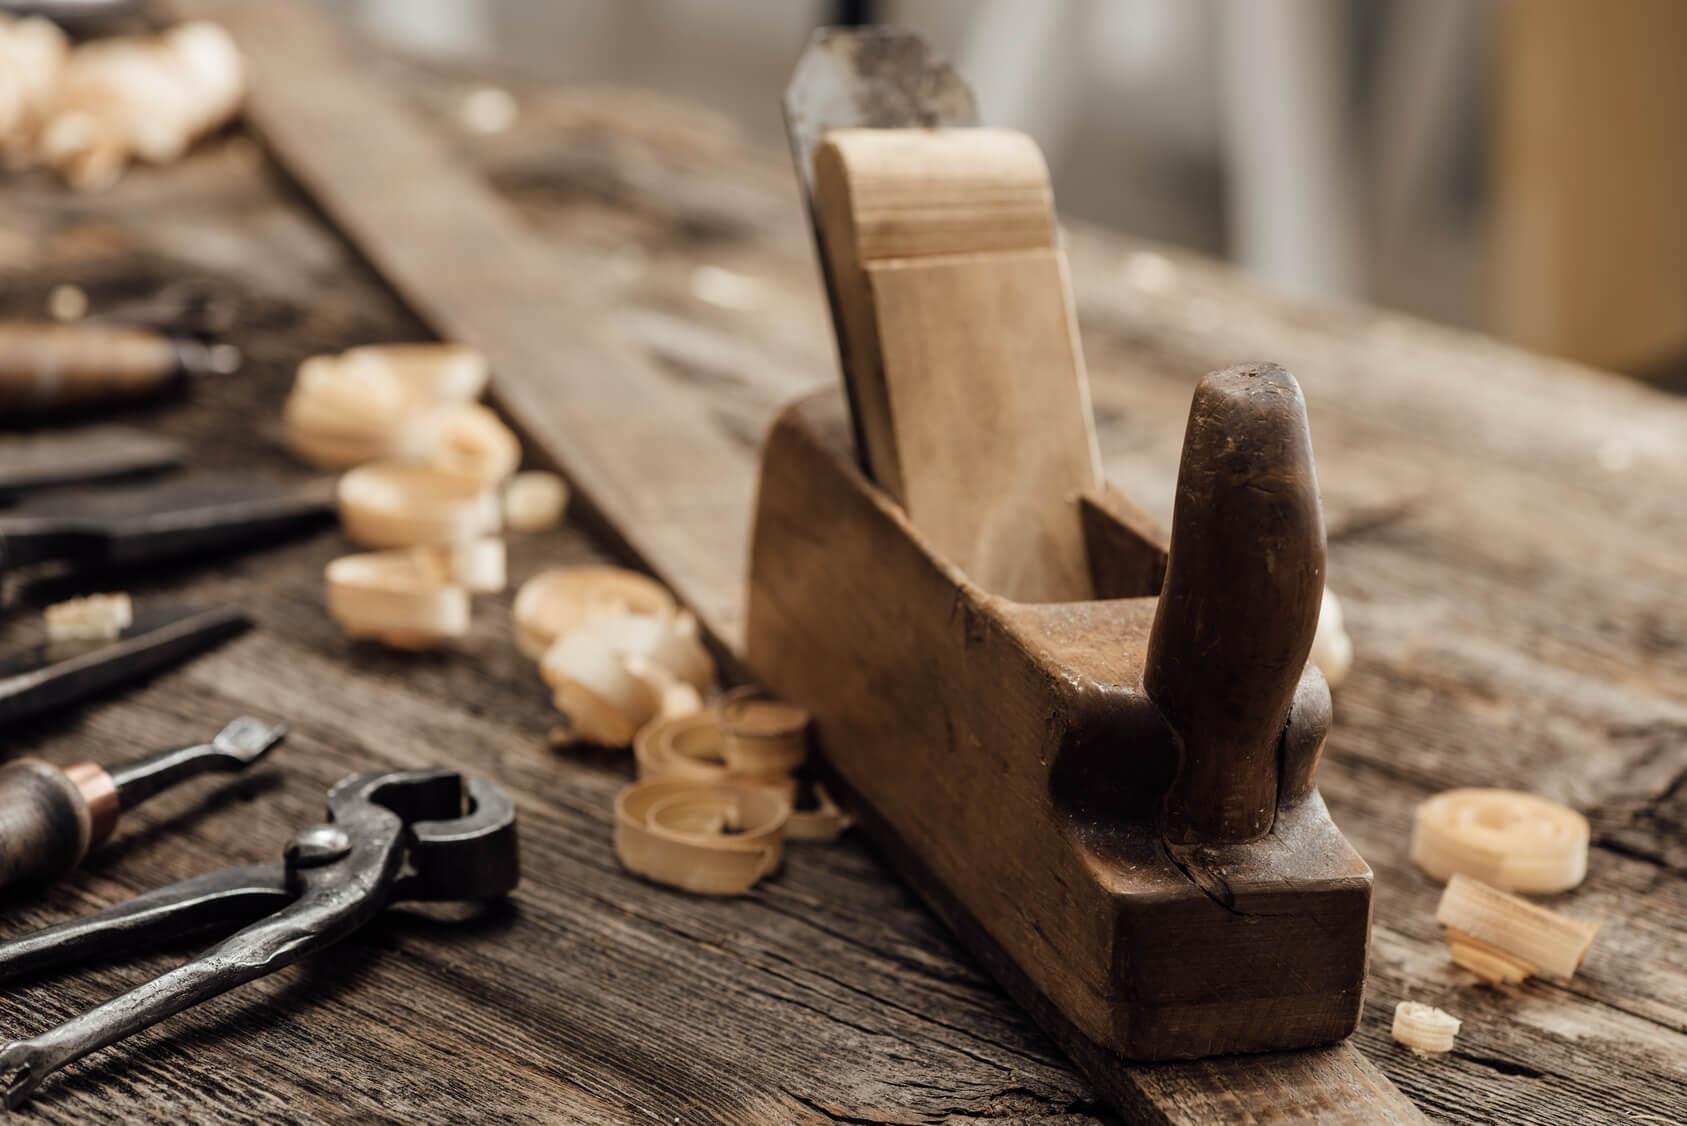 Hobel zur Bearbeitung von Holz